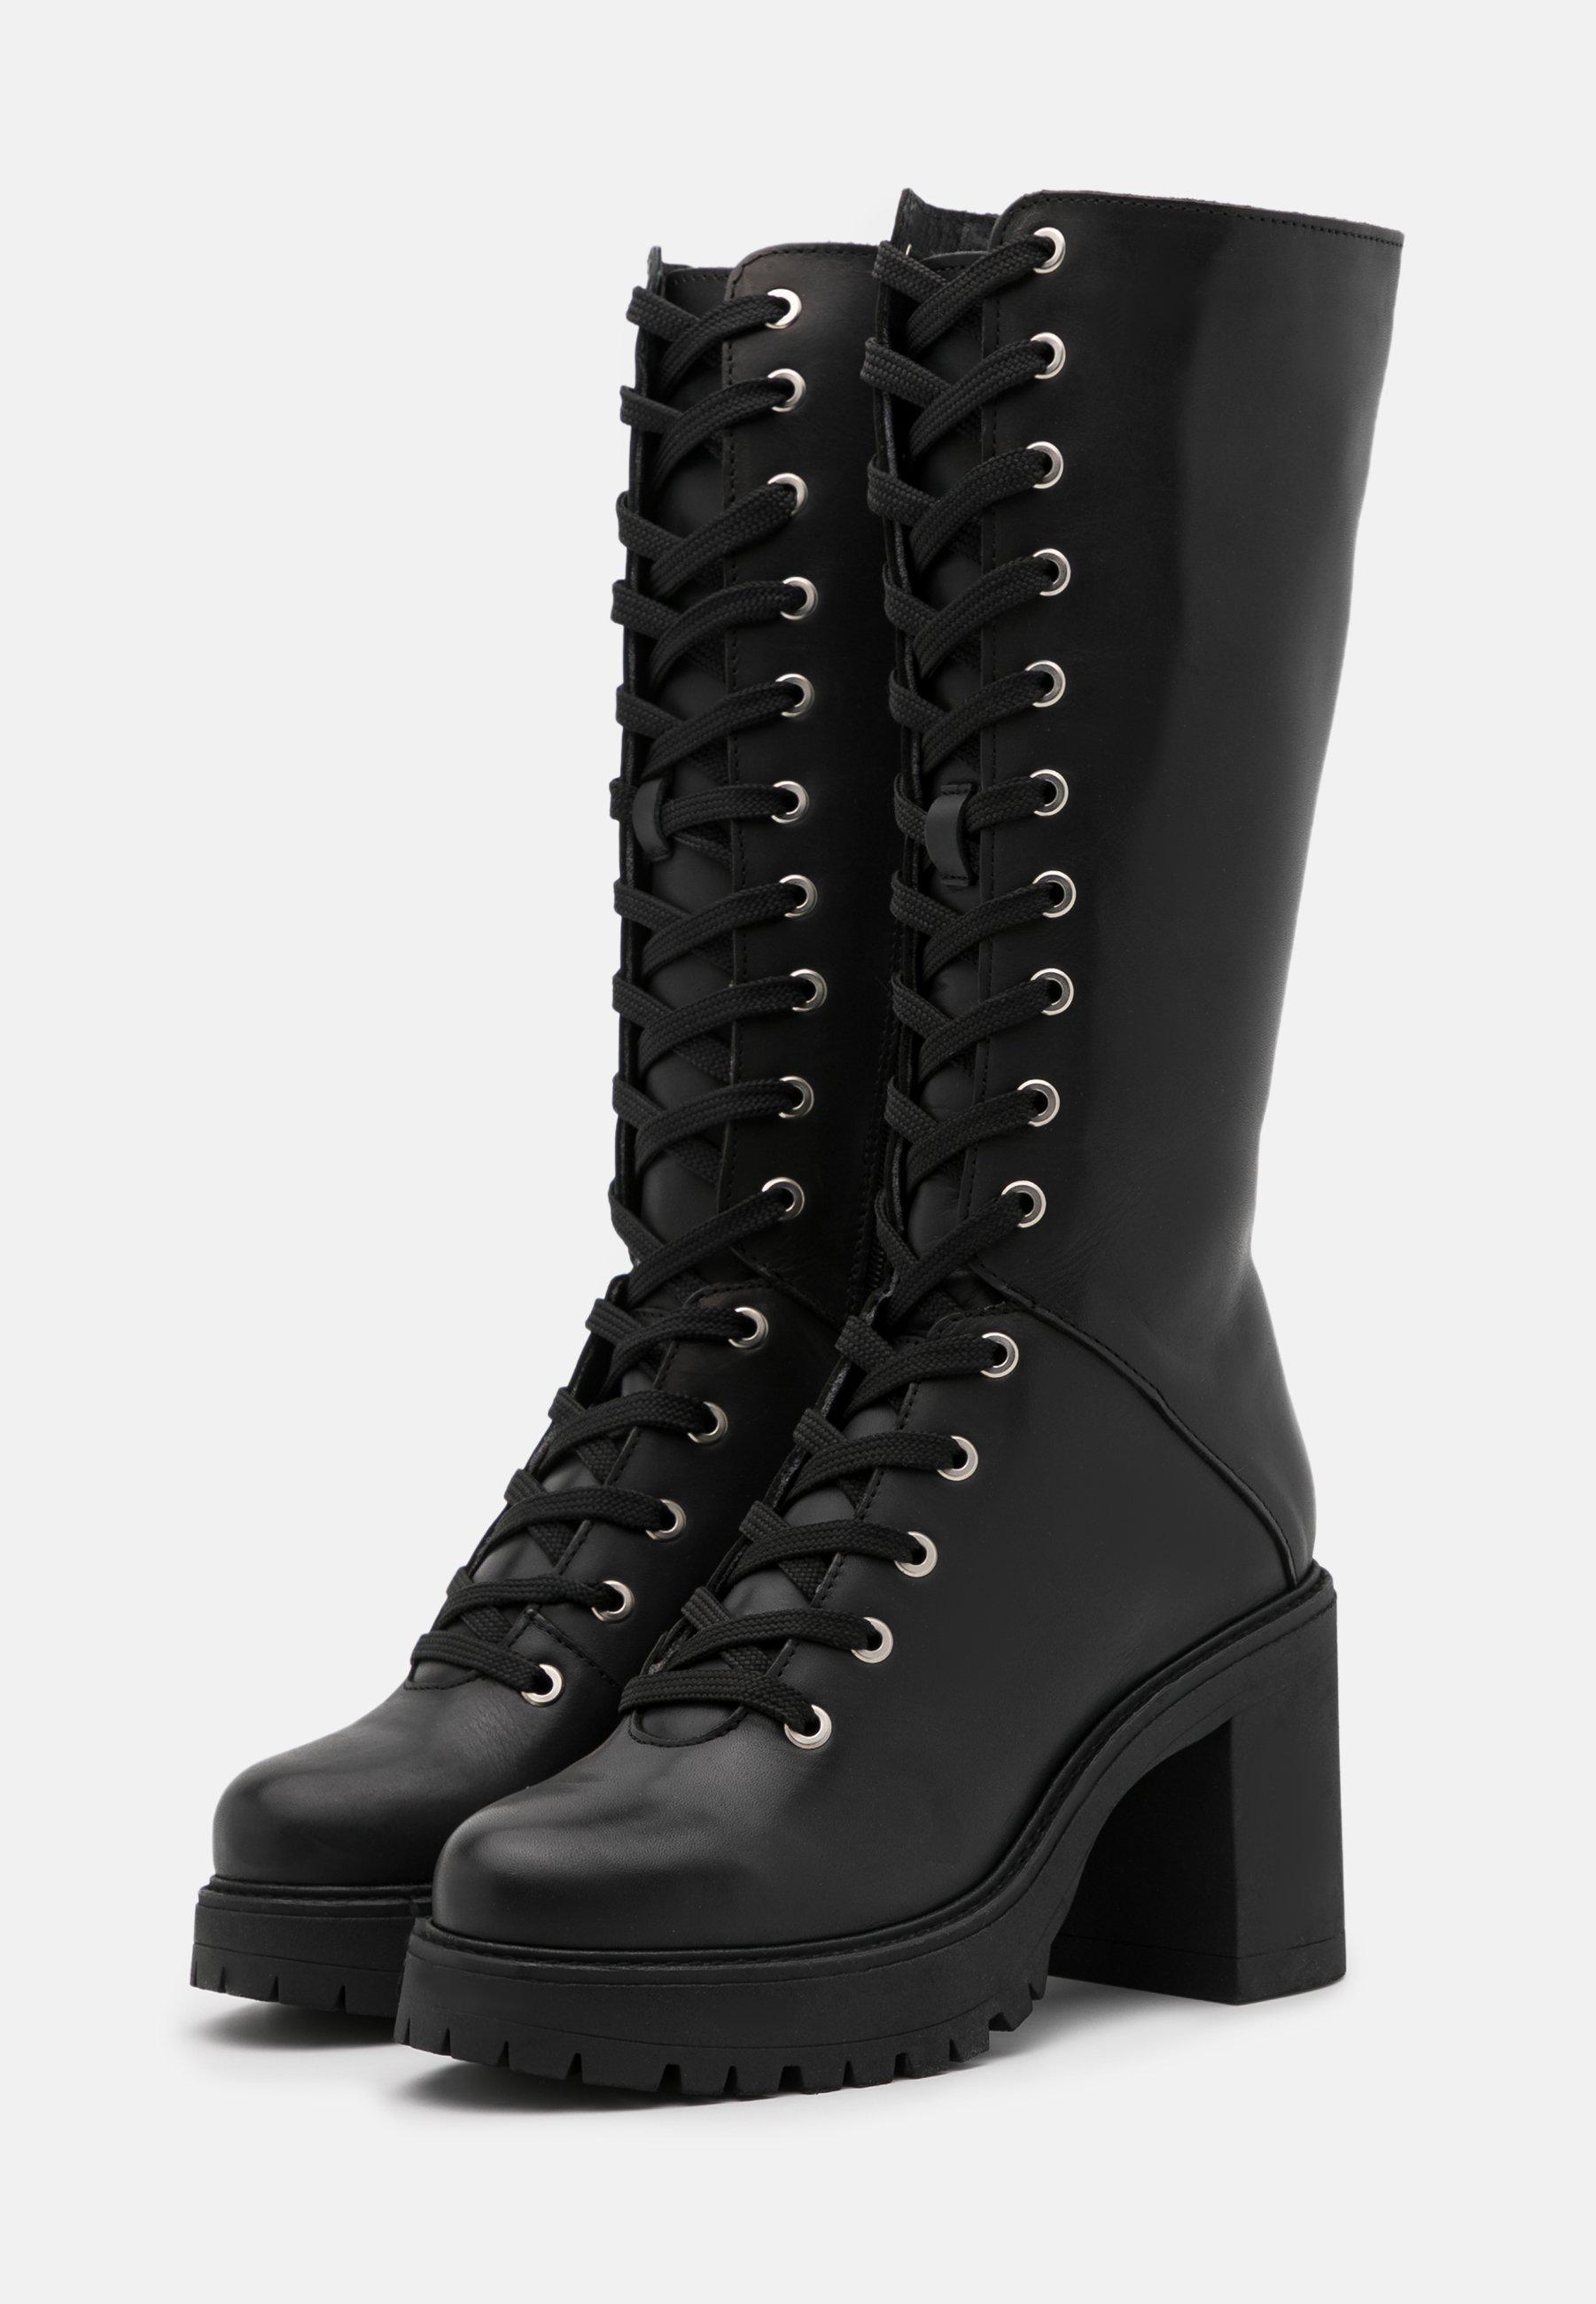 Zign High Heel Stiefel black/schwarz